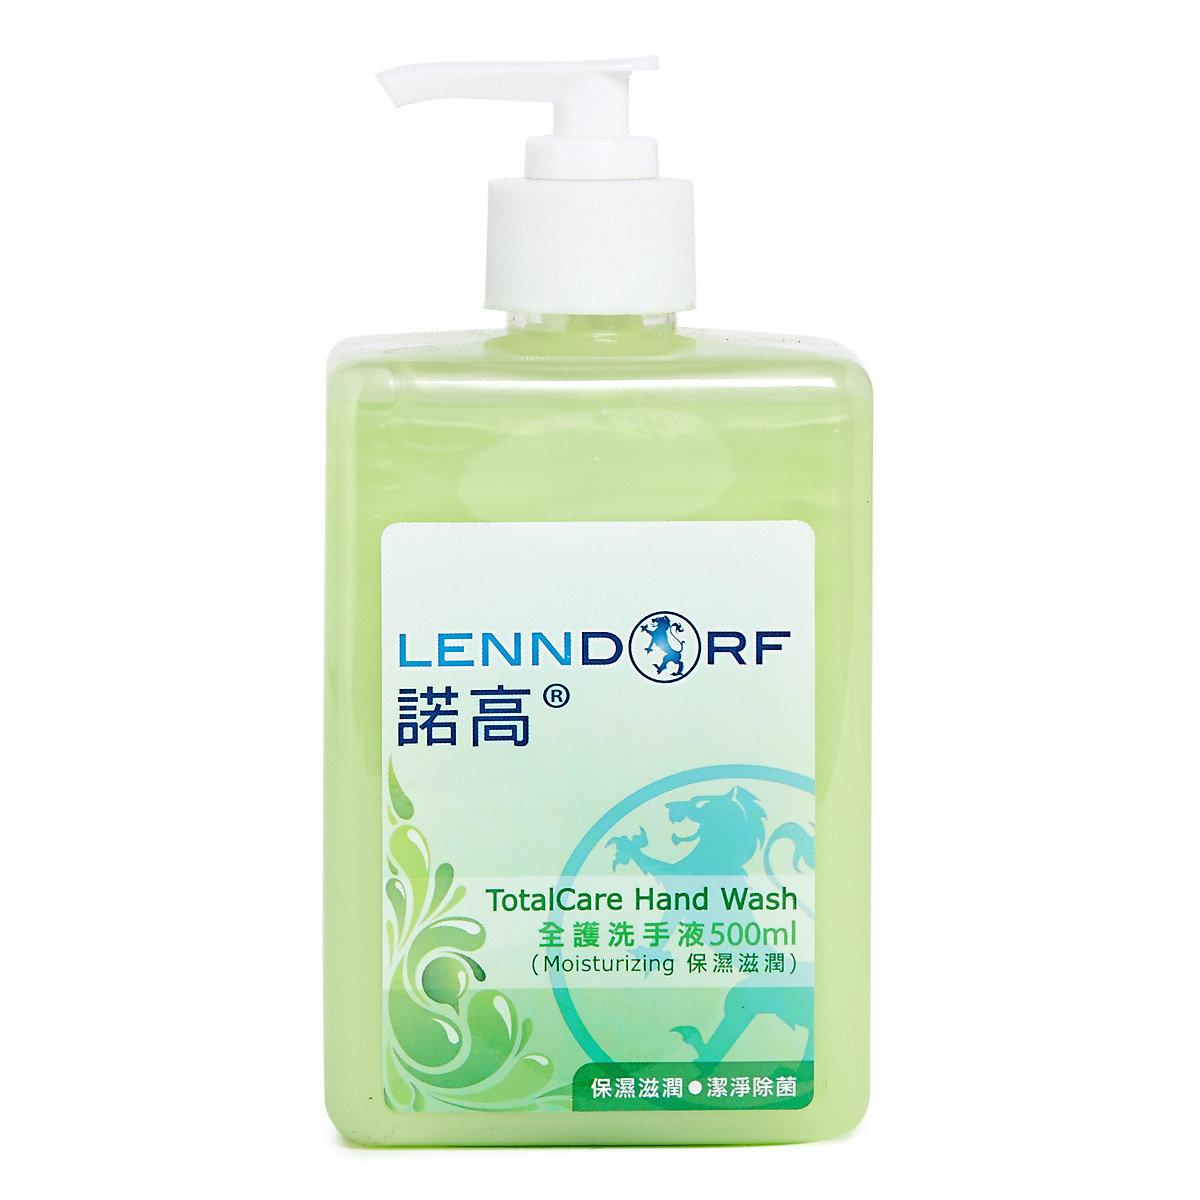 全護洗手液 - 保濕滋潤